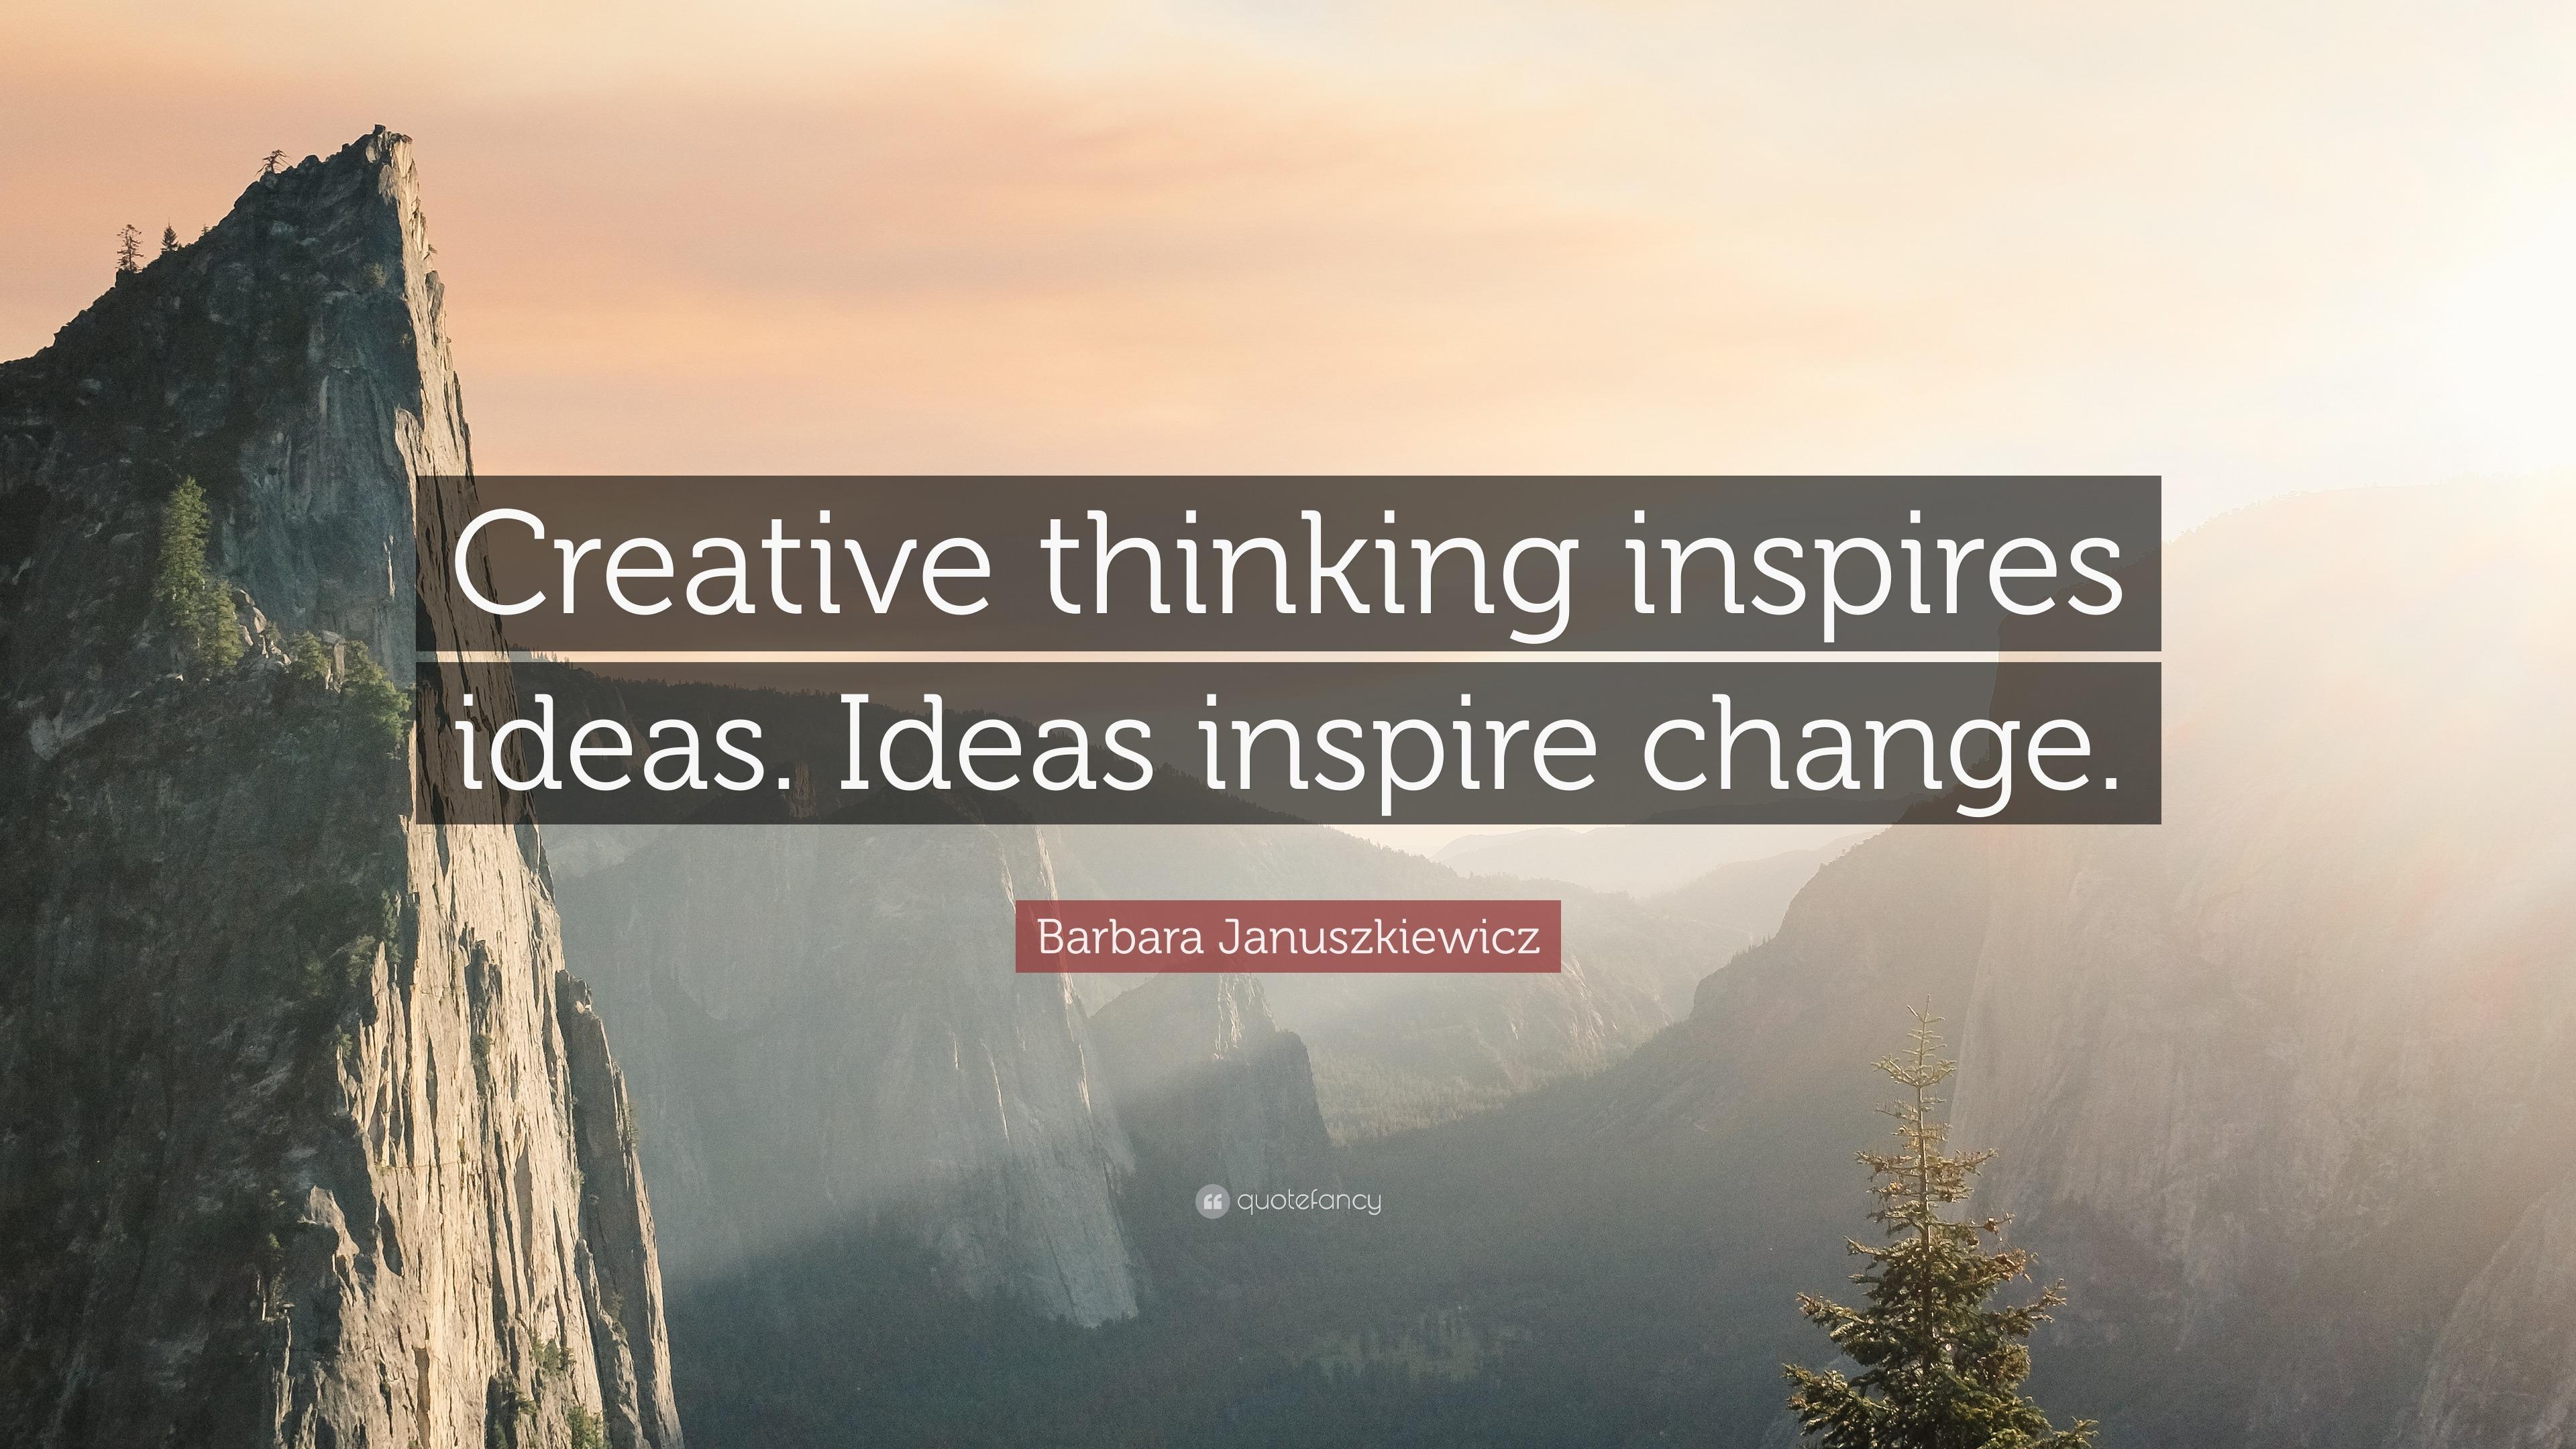 Barbara Januszkiewicz Quotes 9 Wallpapers Quotefancy